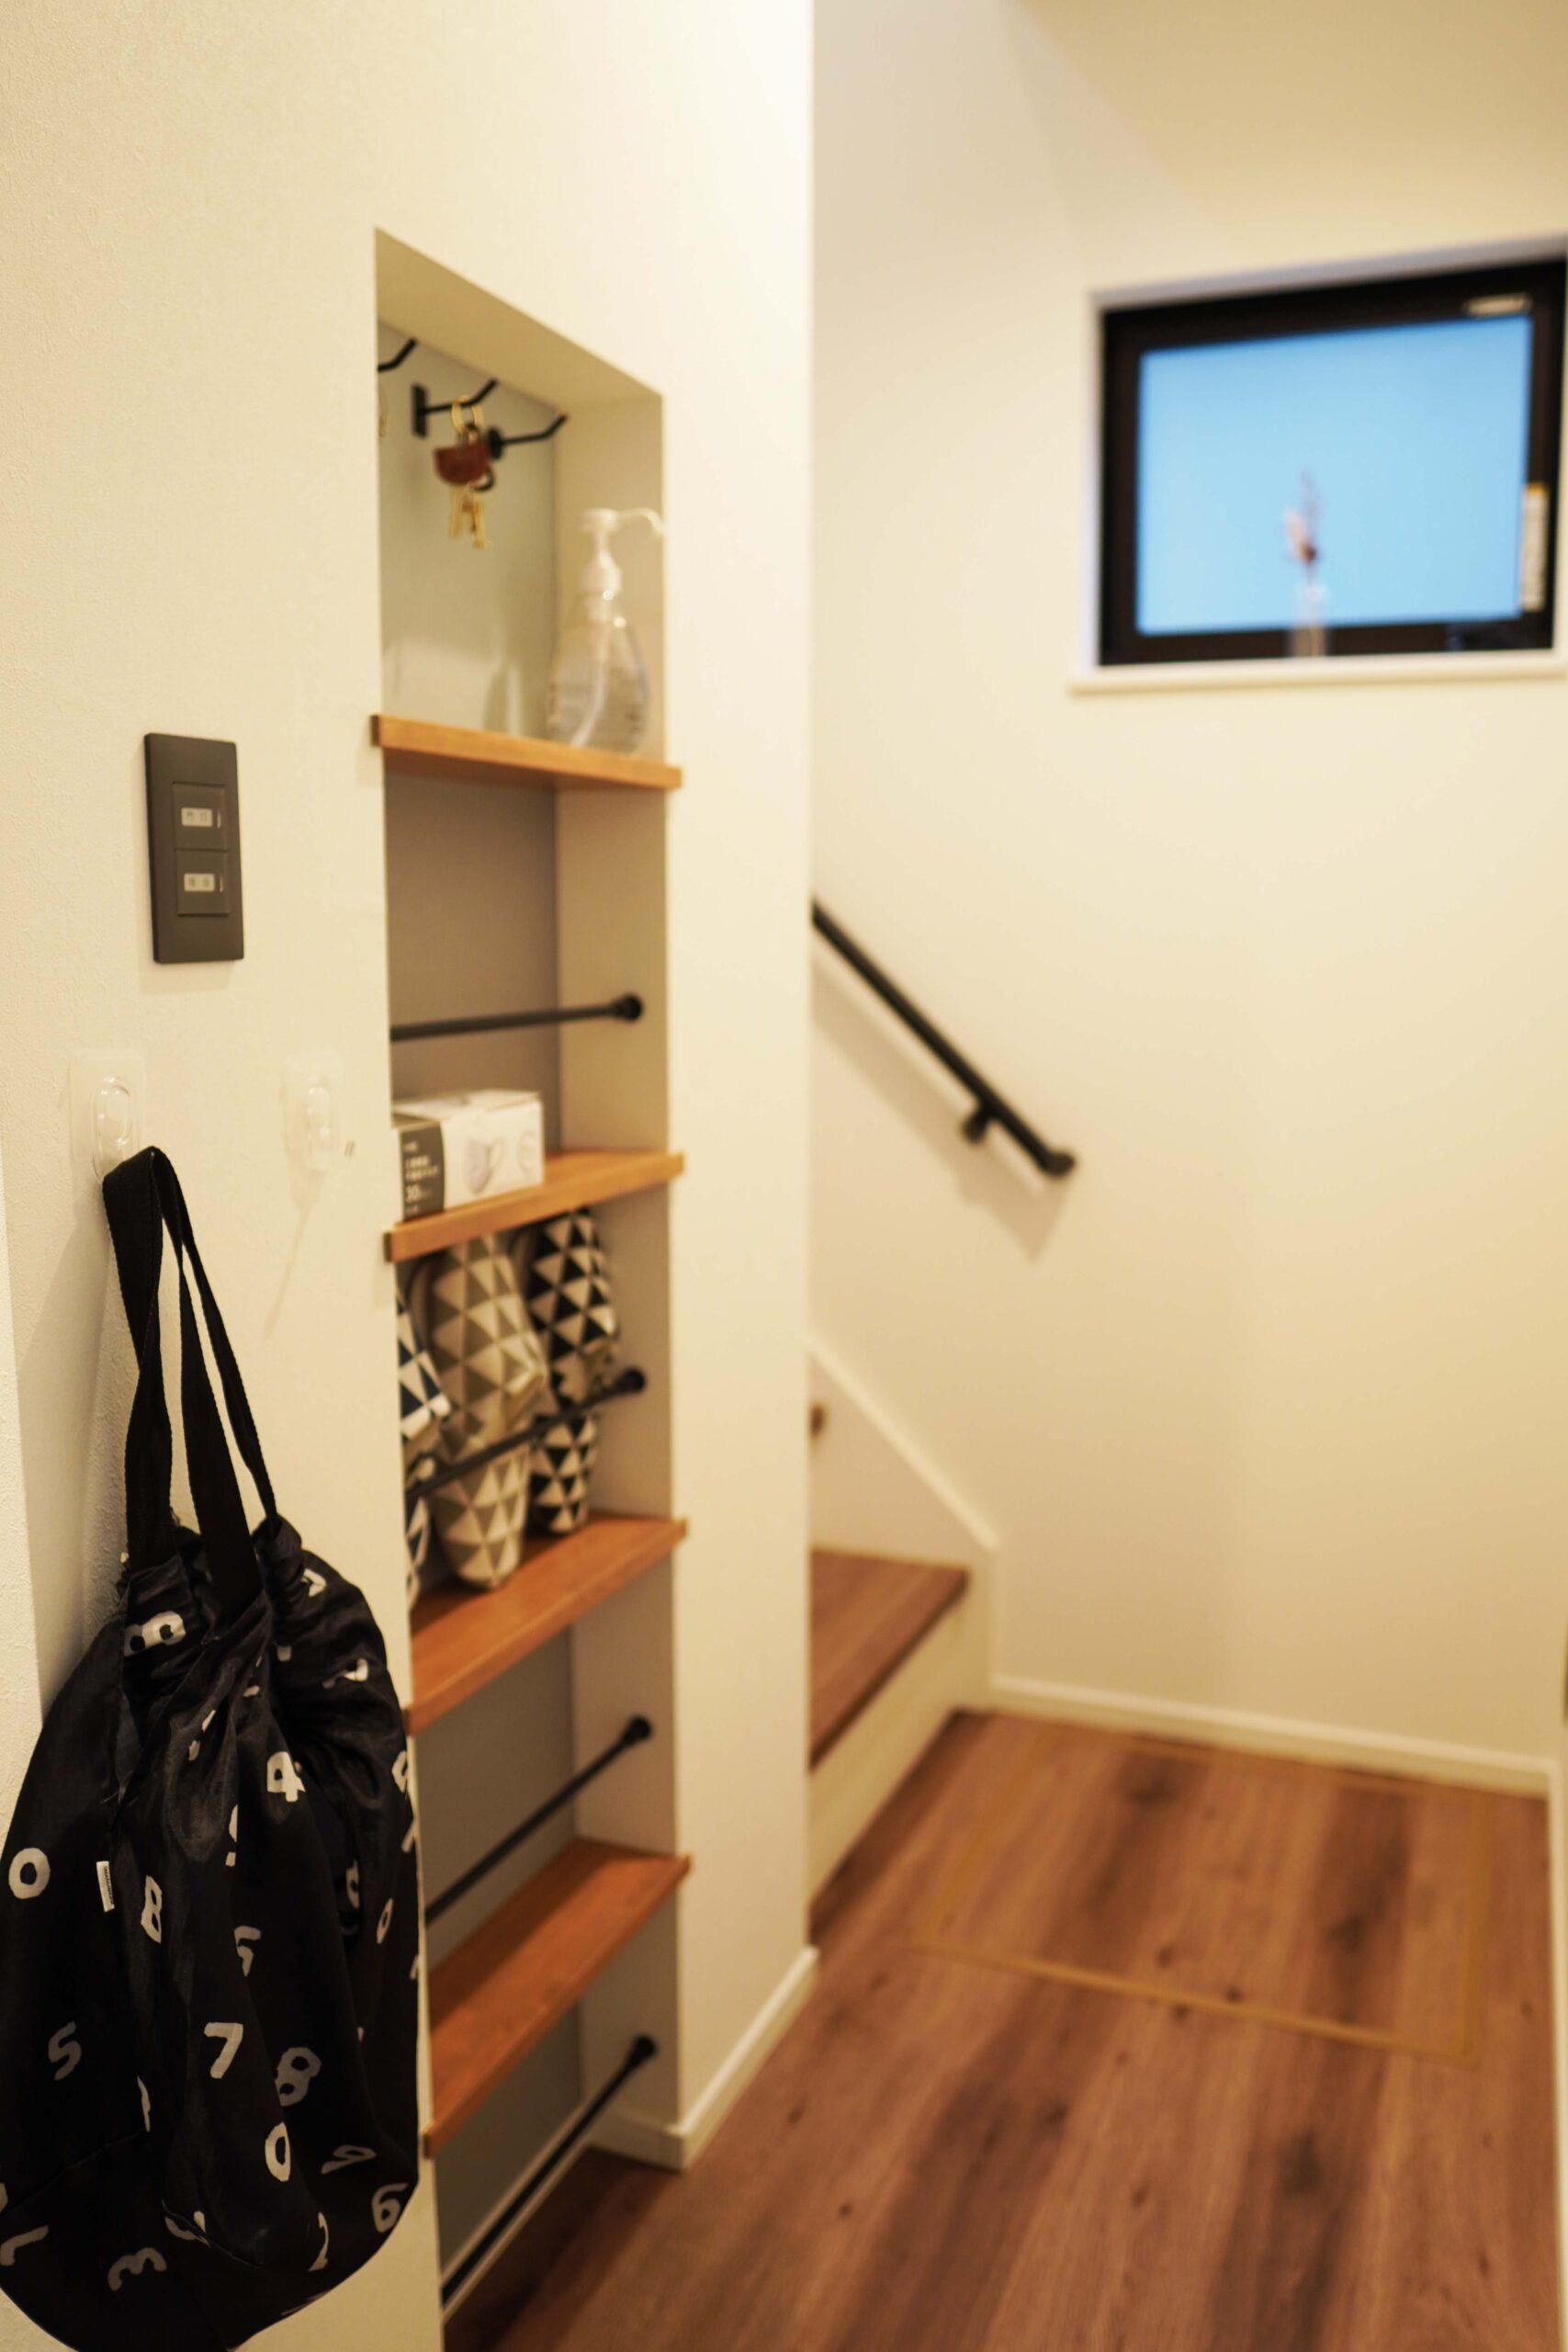 階段手前の壁をあえてくぼませることで、ちょっとした収納代わりに。マスクや鍵など外出時に必要な物をまとめて置いておくことができる。